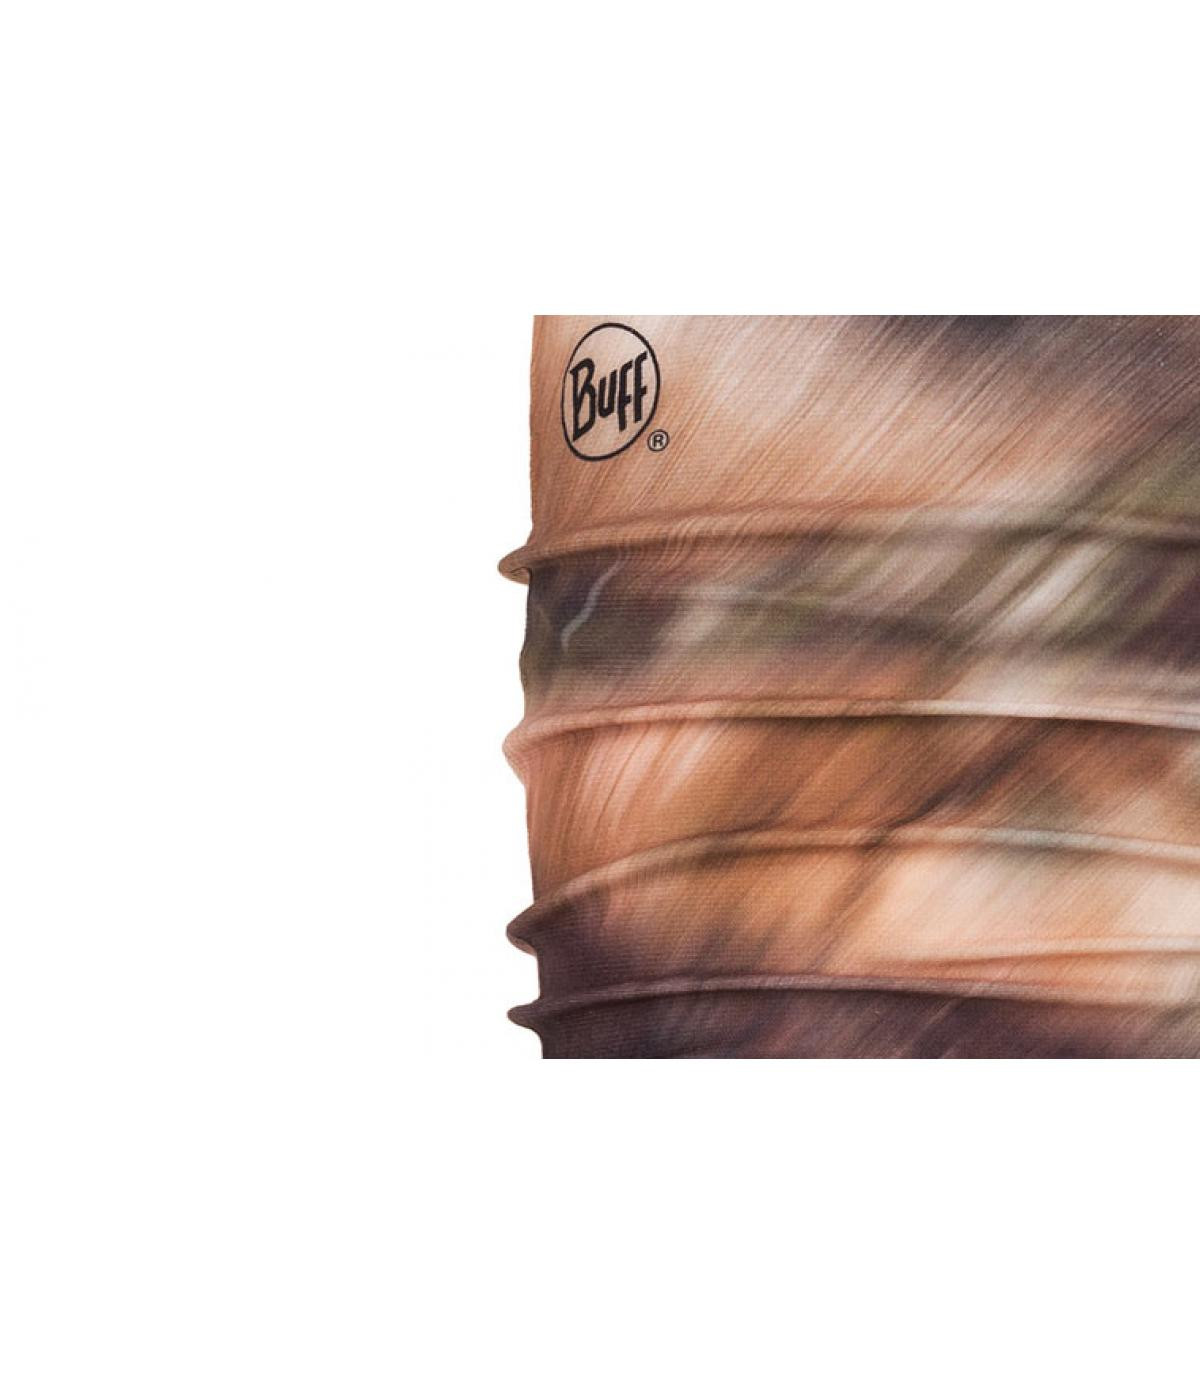 Détails Original Brassite fossil - image 2